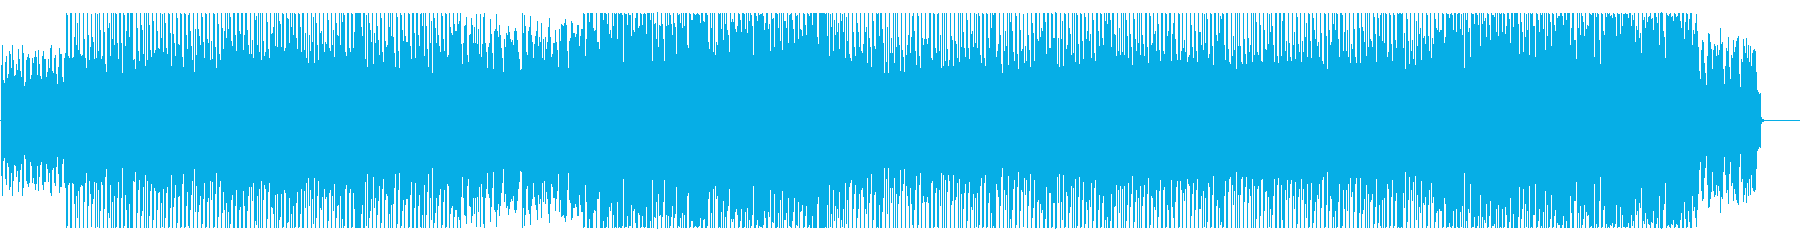 明るく幻想的なディスコビートの再生済みの波形